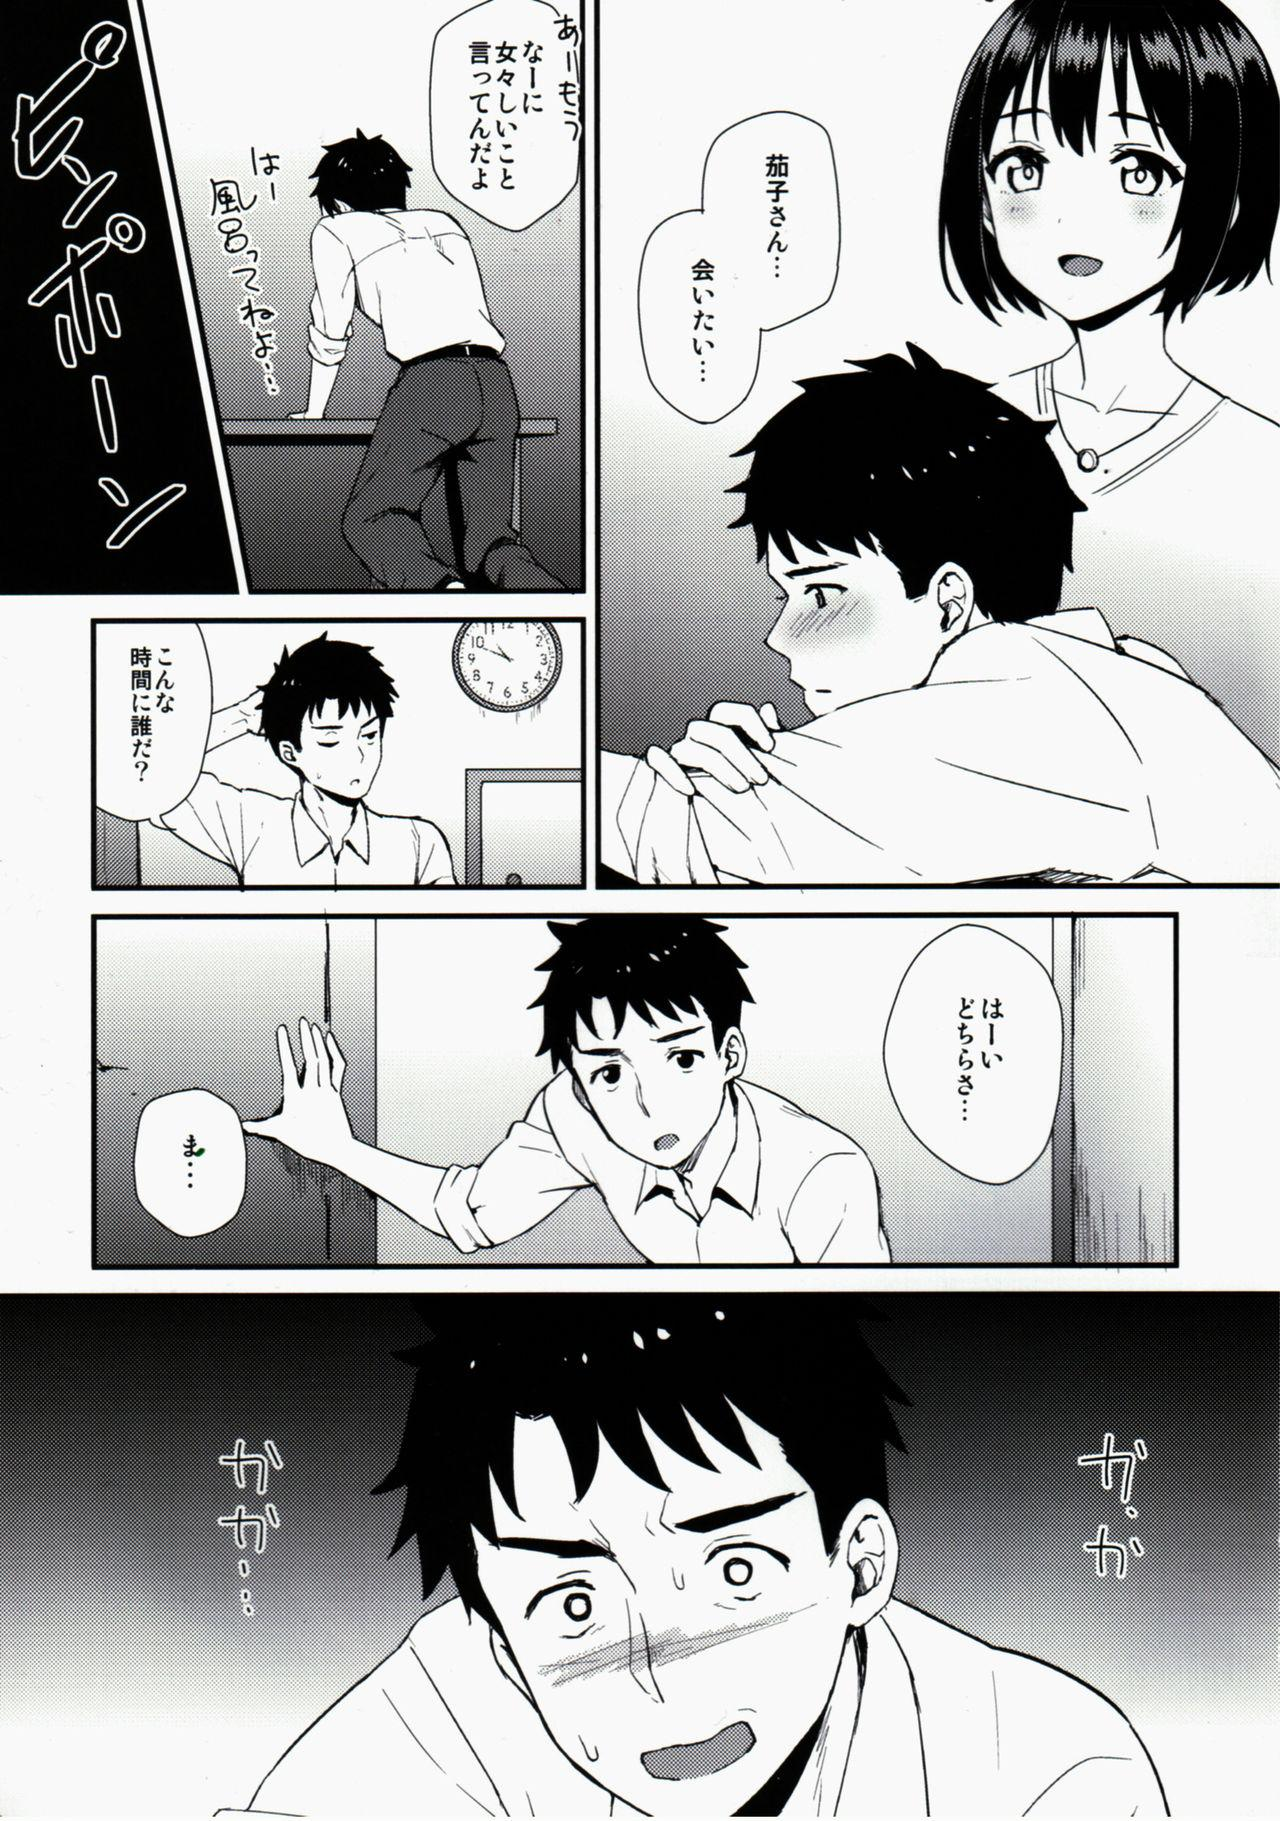 Kakohajime 3